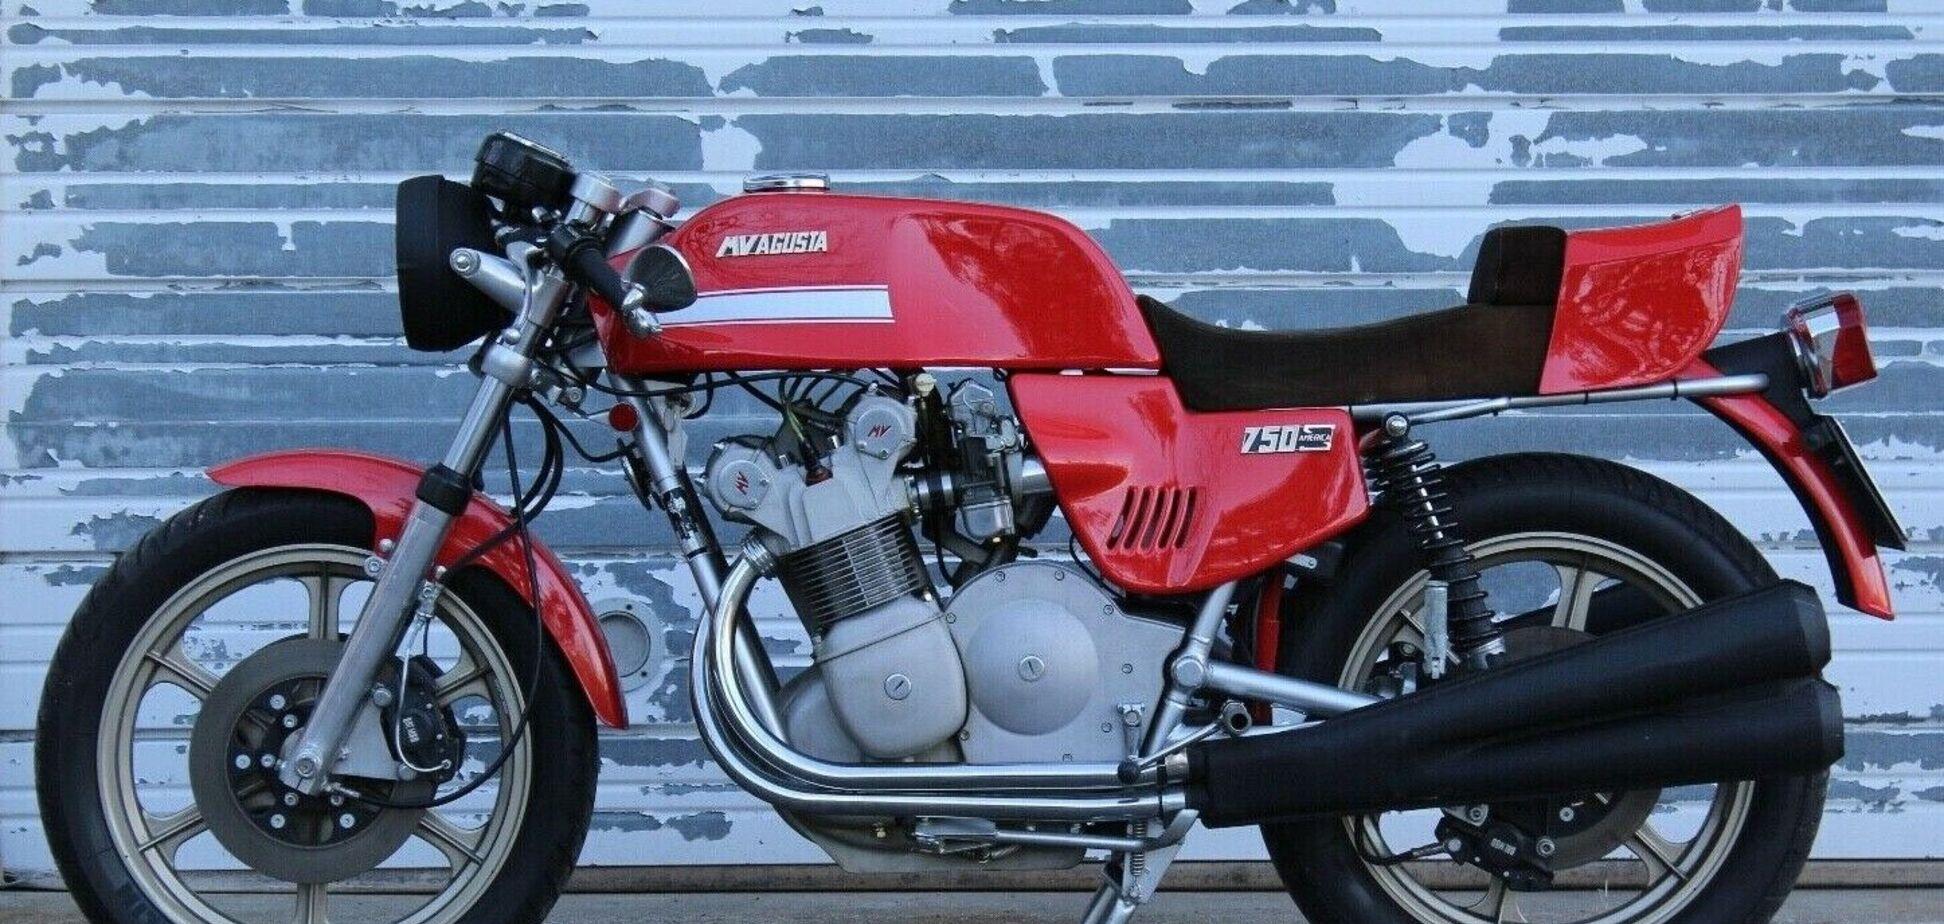 'Ява' відпочиває: мотоцикл 1977 року продали за $100 000